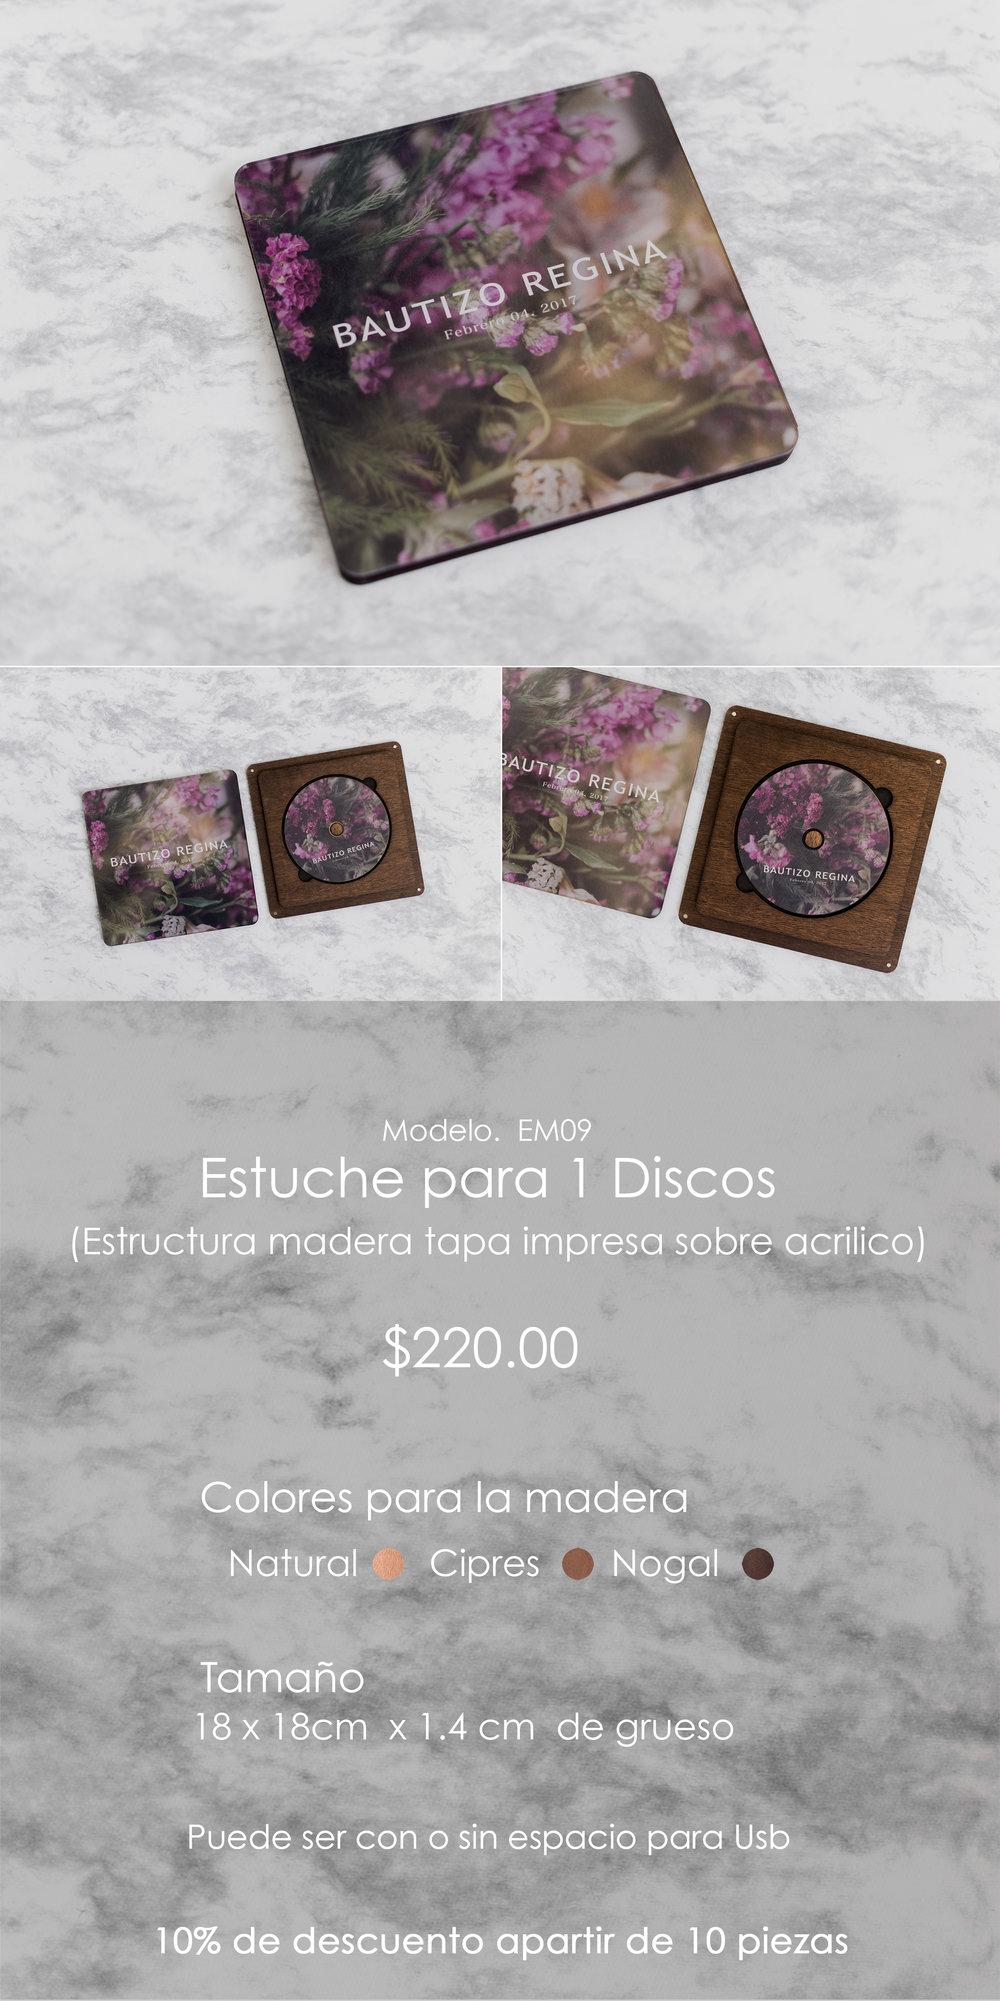 Estuche 1 discos Madera/Acrilico